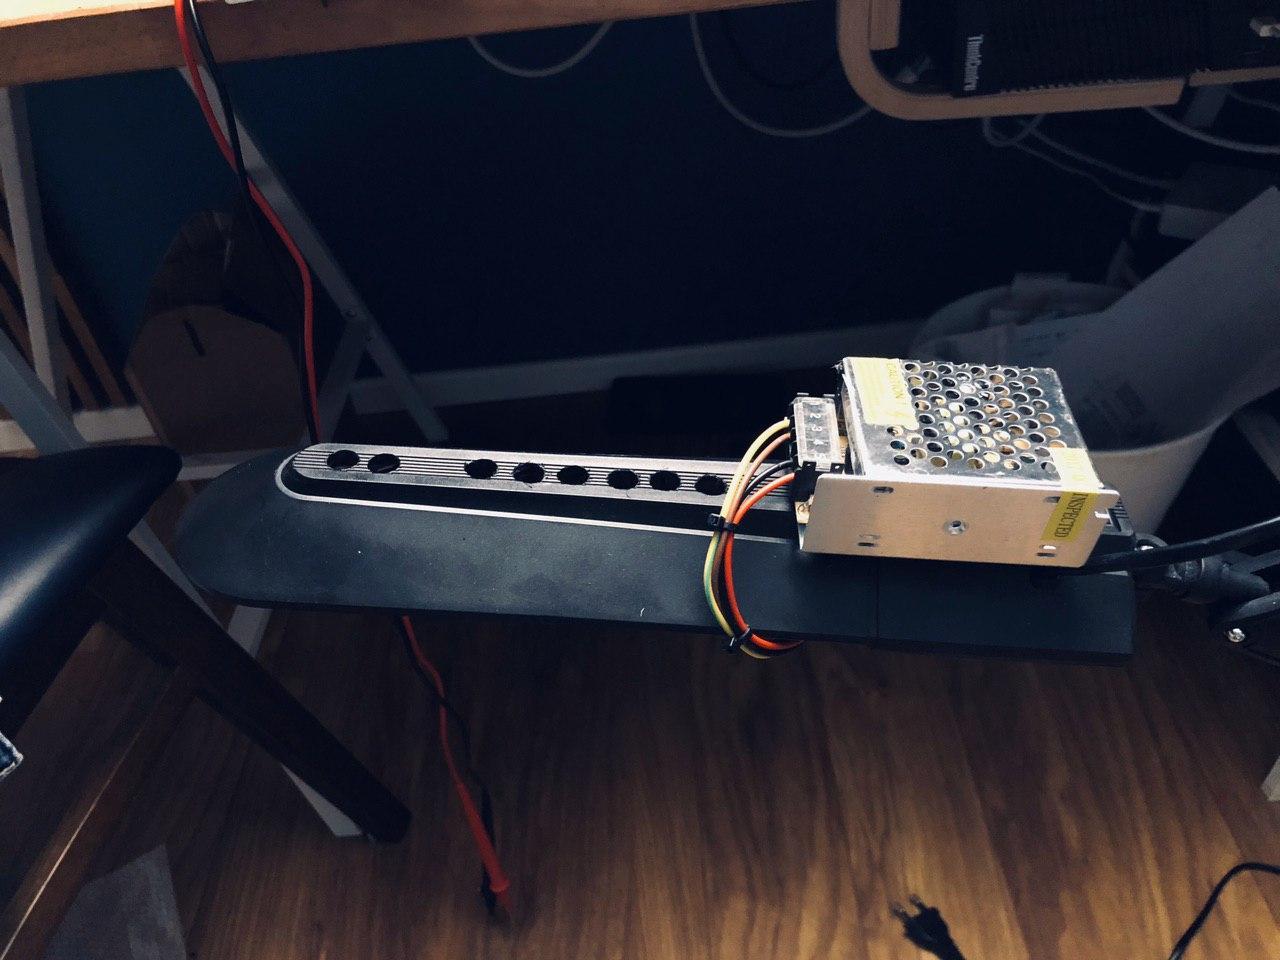 Экспресс UV лампа своими руками 400-405 нм для полимеризации 3D фотополимерных моделей - 28